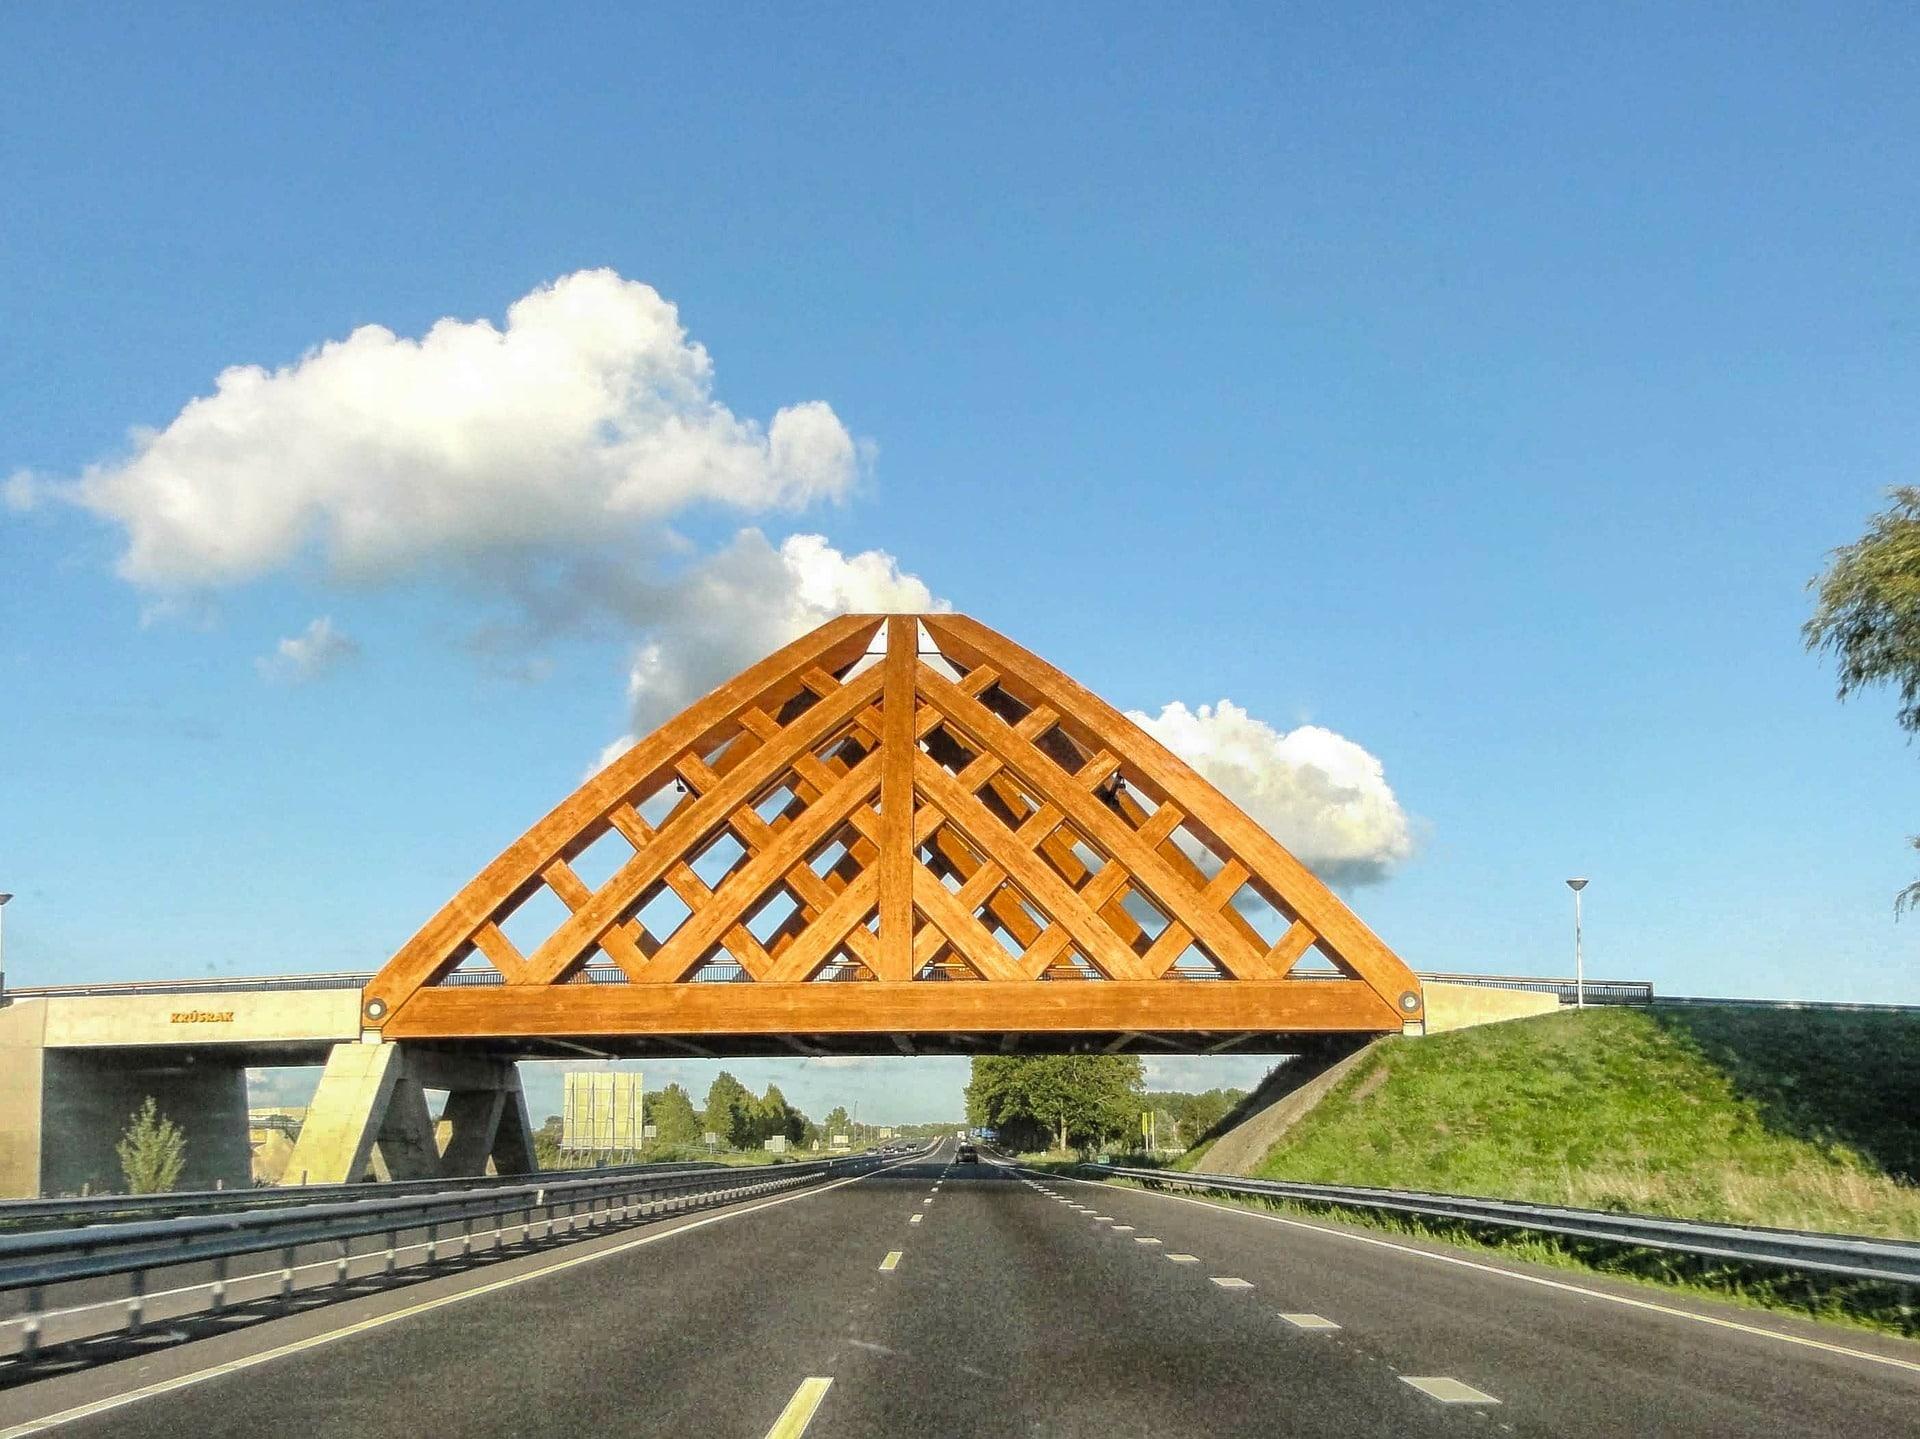 krusrak, houten brug over snelweg